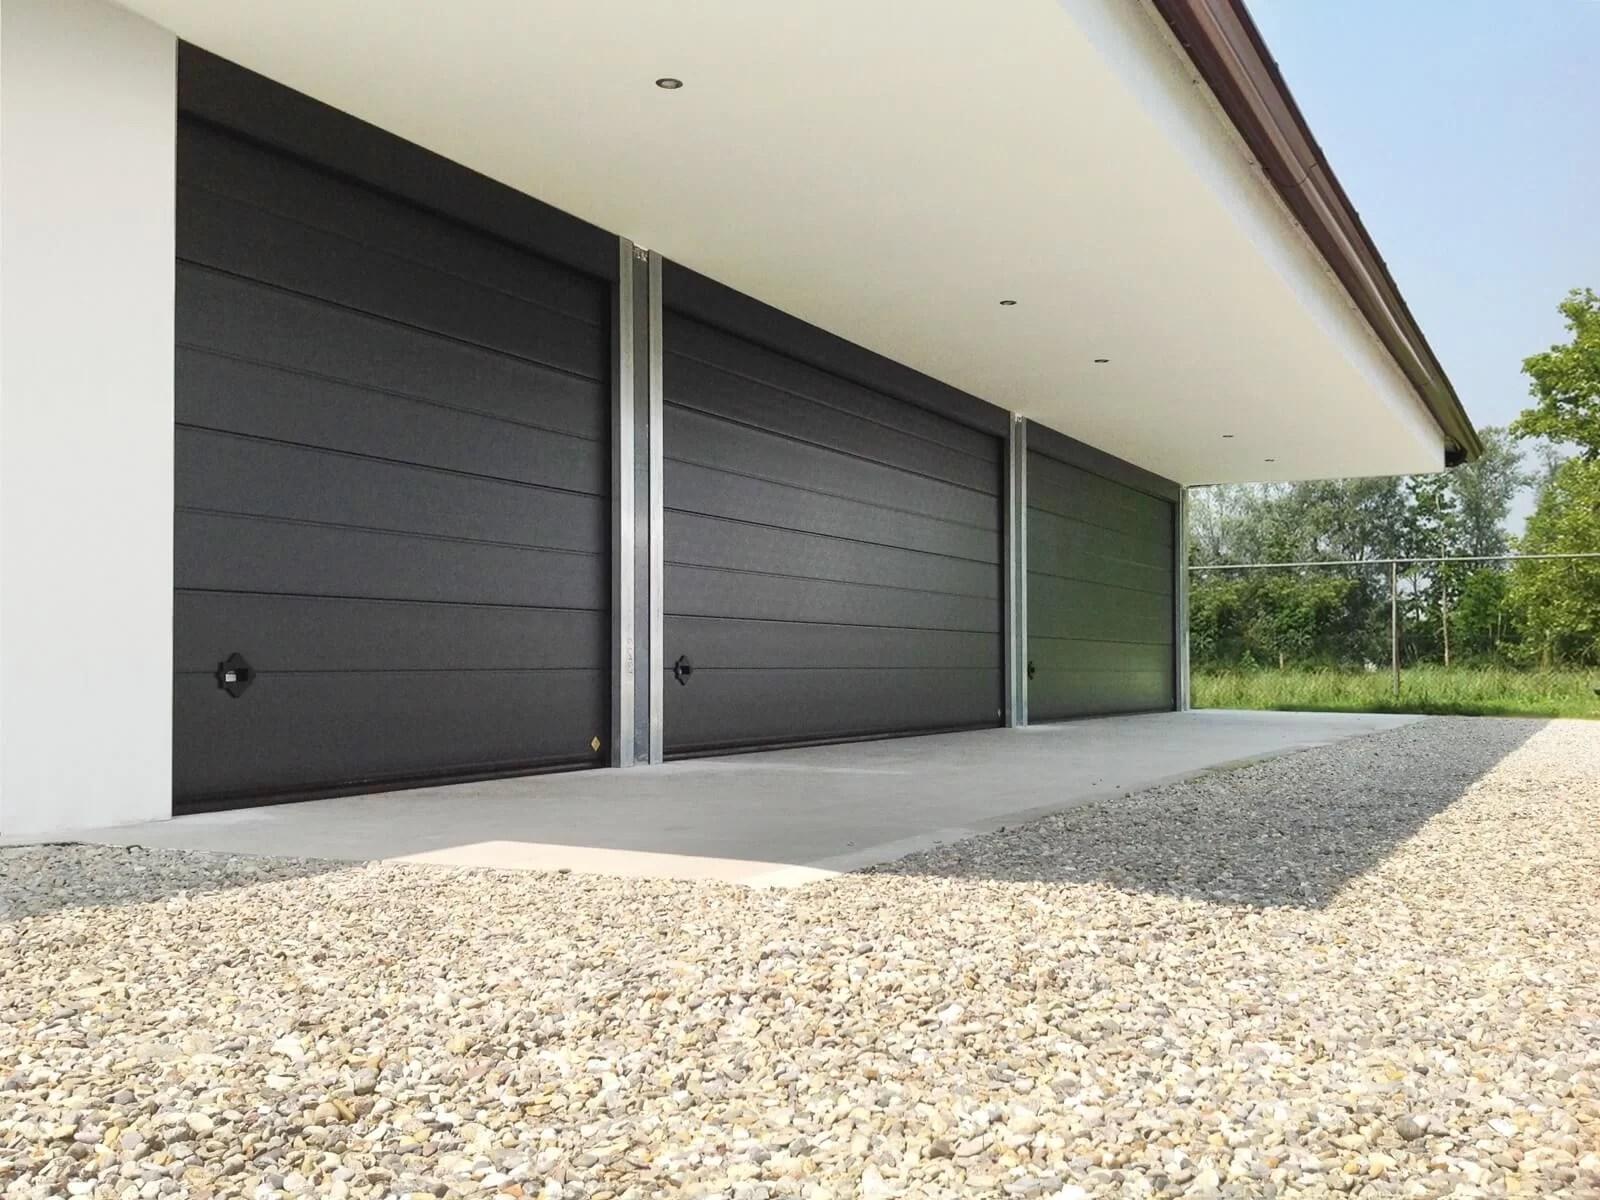 Portone sezionale da garage SIRIO - Stucco grigio RAL 7016